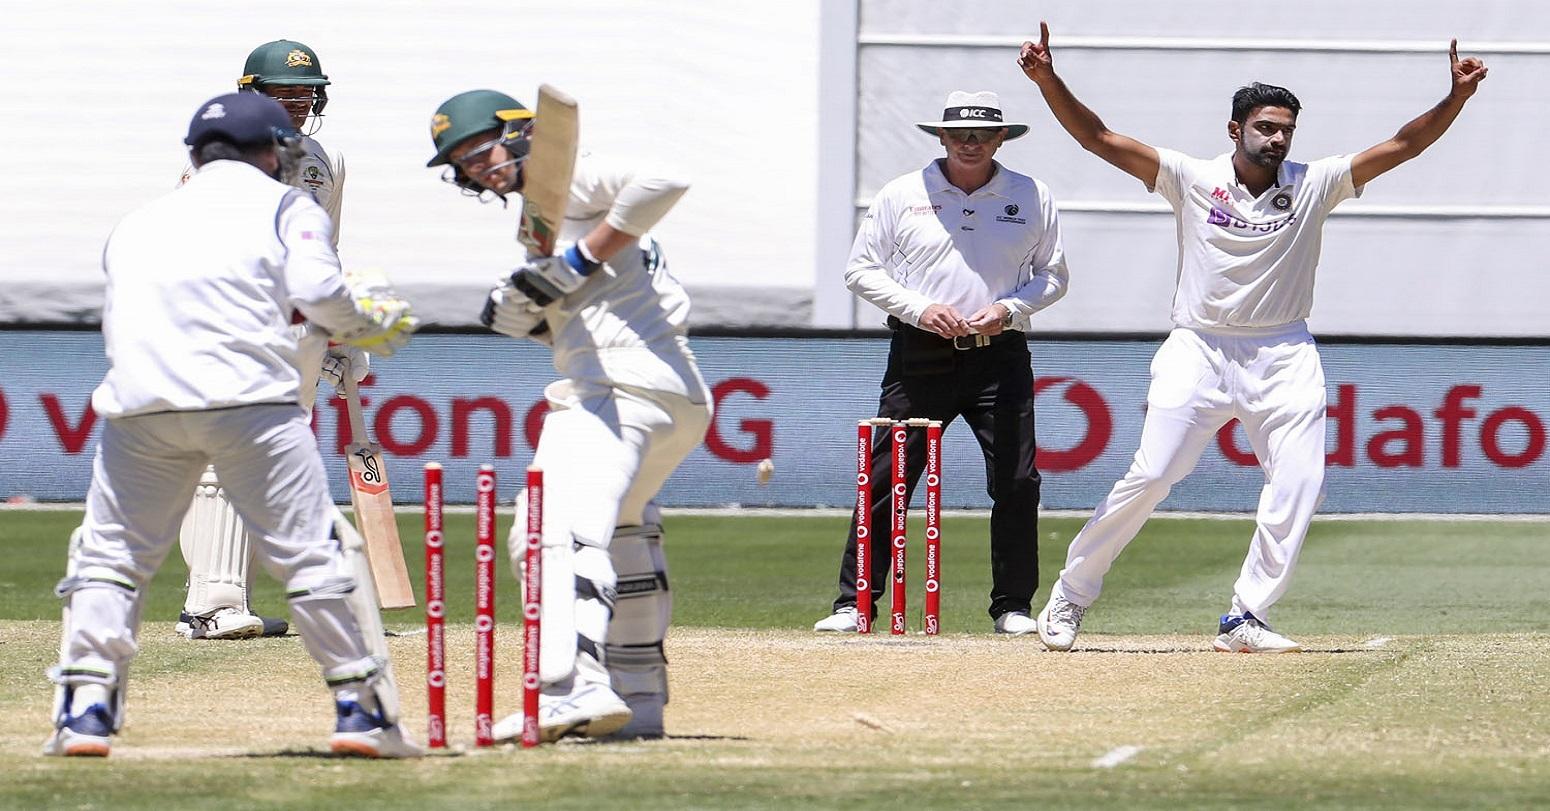 दोस्रो टेस्टः पाकिस्तानको लगातार दोस्रो हार, जेमिसनले लिए ११ विकेट